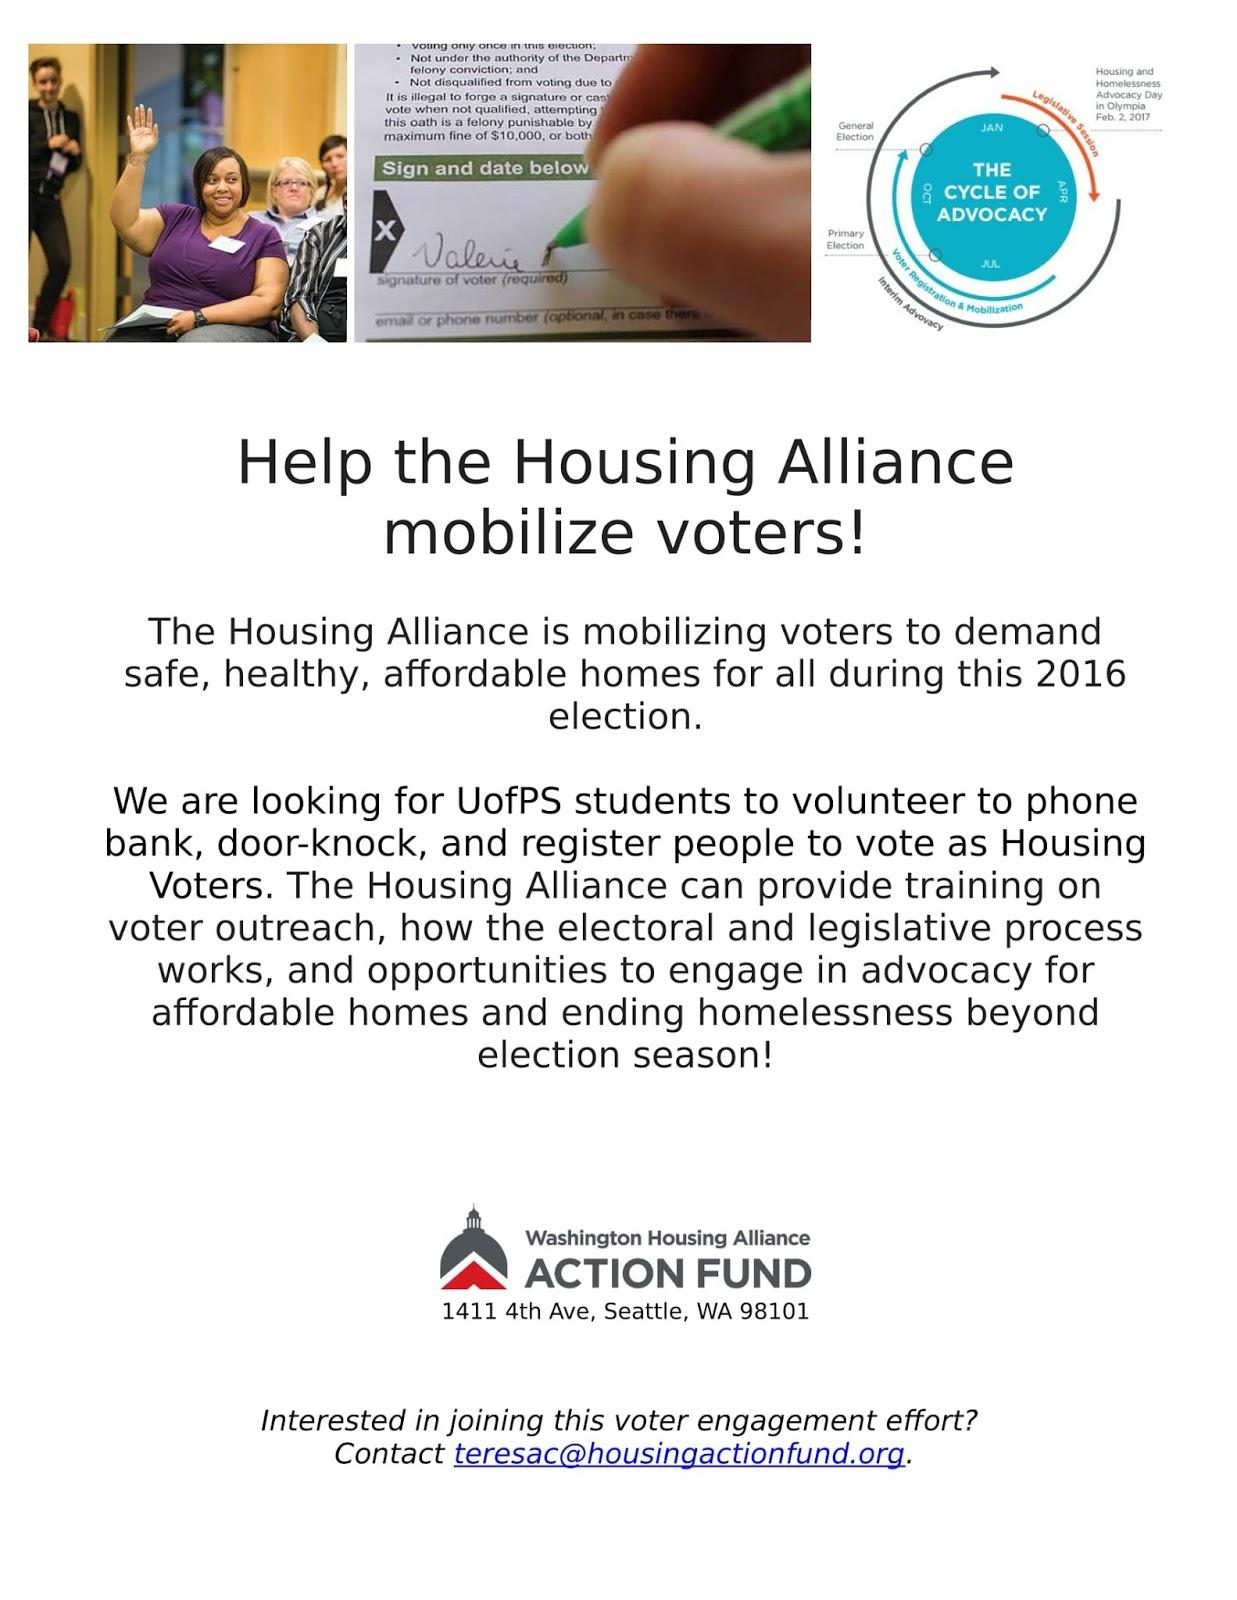 voter mobilization